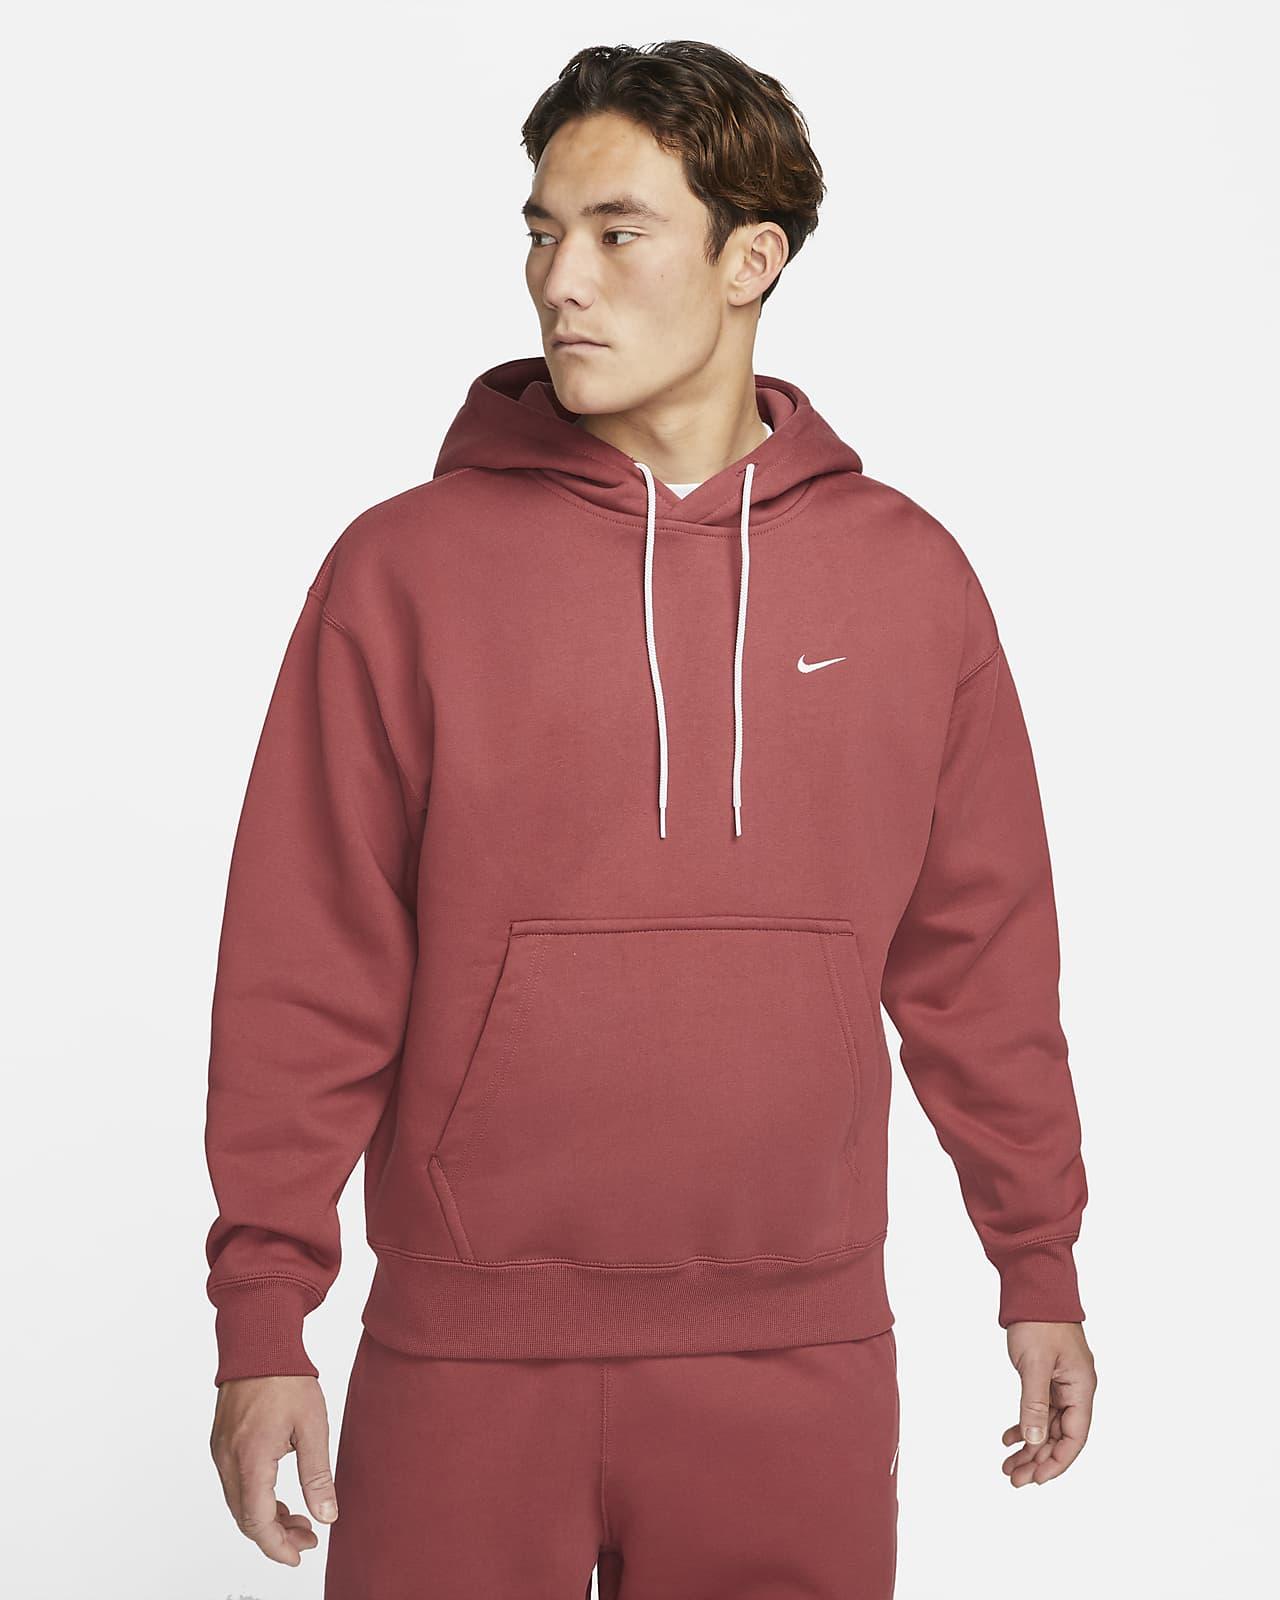 เสื้อมีฮู้ดผ้าฟลีซผู้ชาย Nike Solo Swoosh